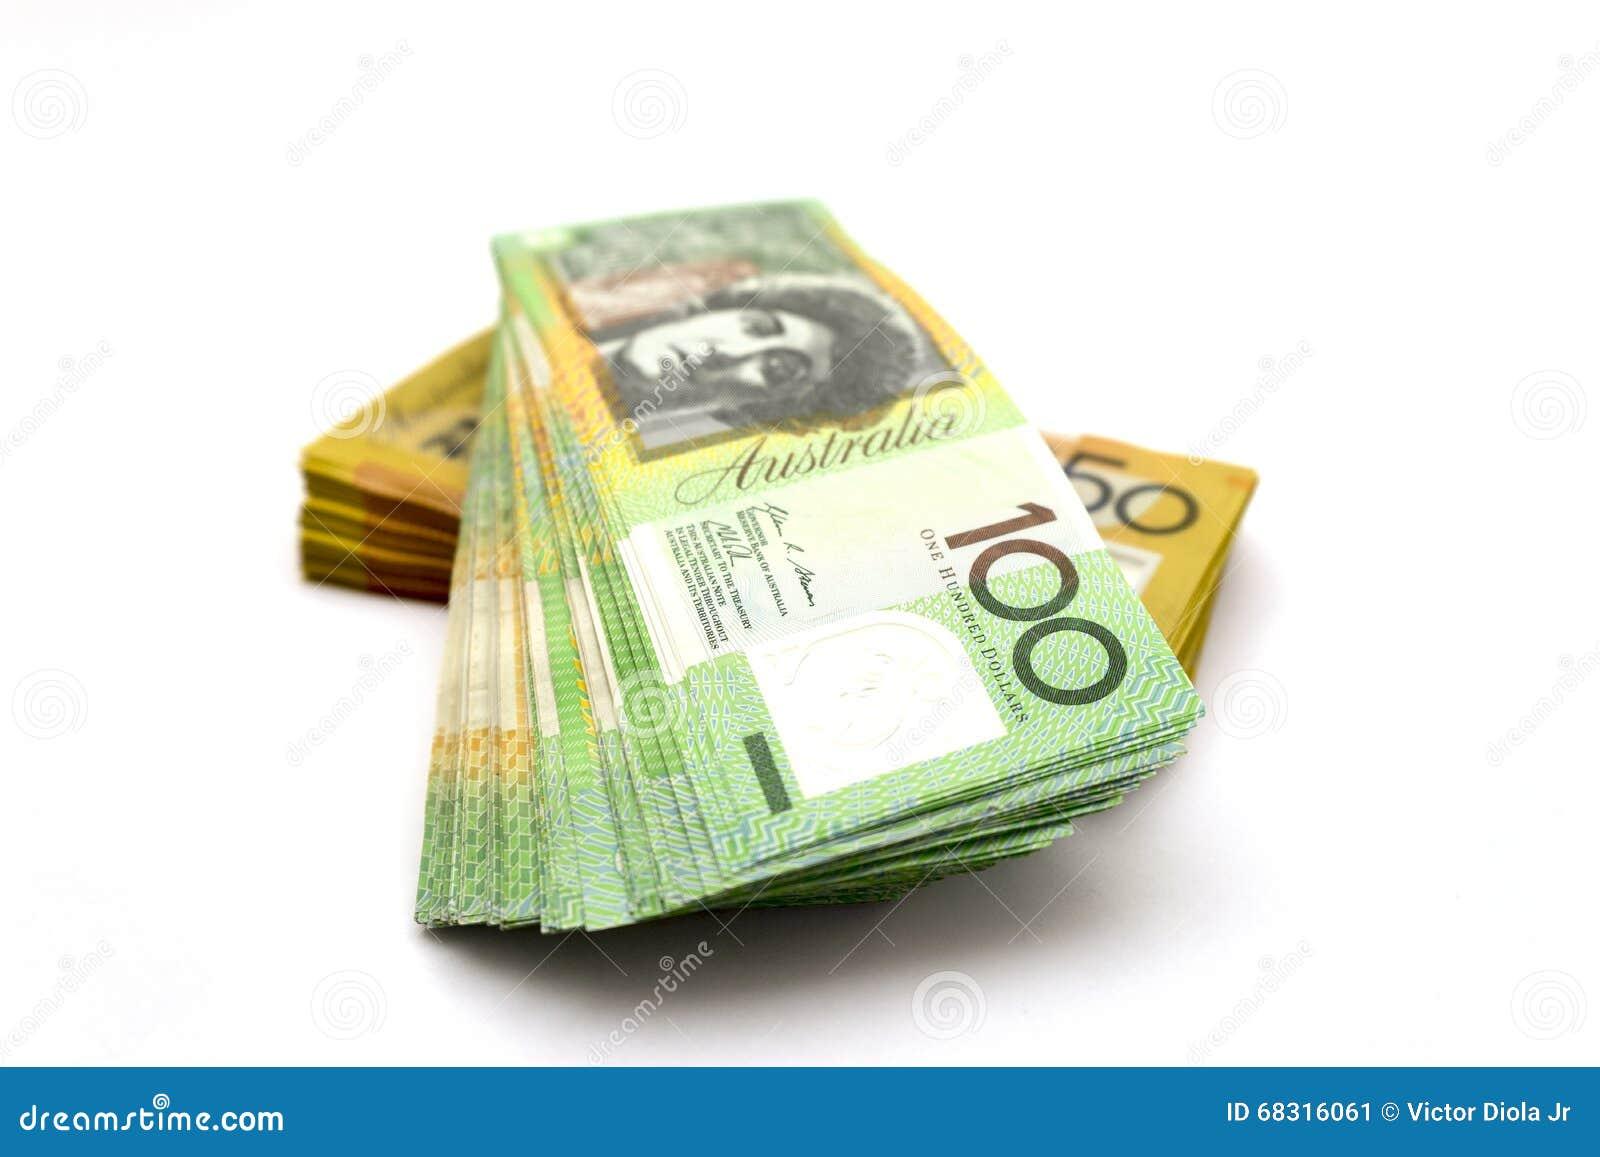 Australier hundra dollarräkningar och femtio dollarräkningar